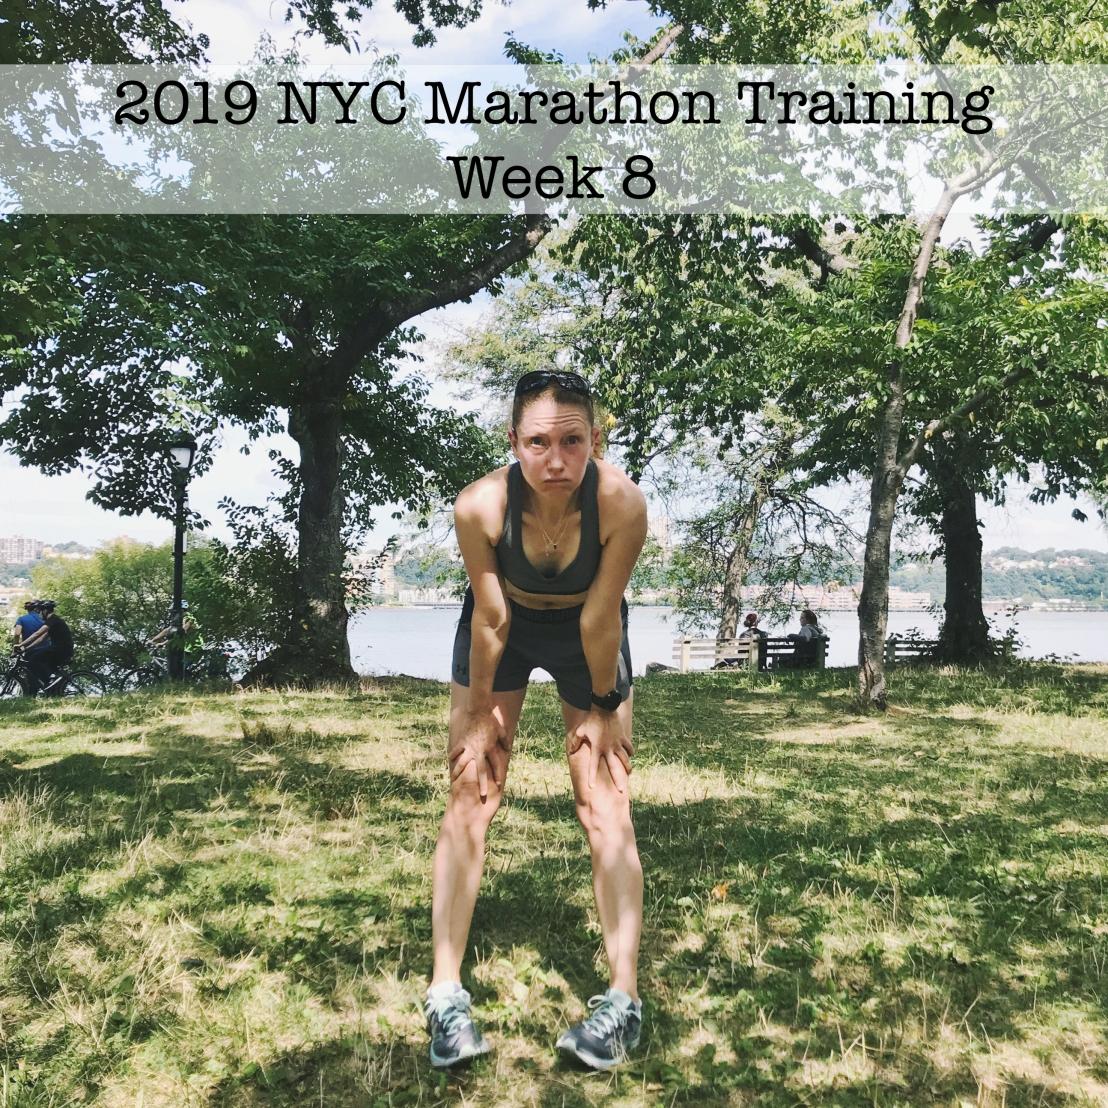 IMG_9655 2019 NYC Marathon Training Week 8